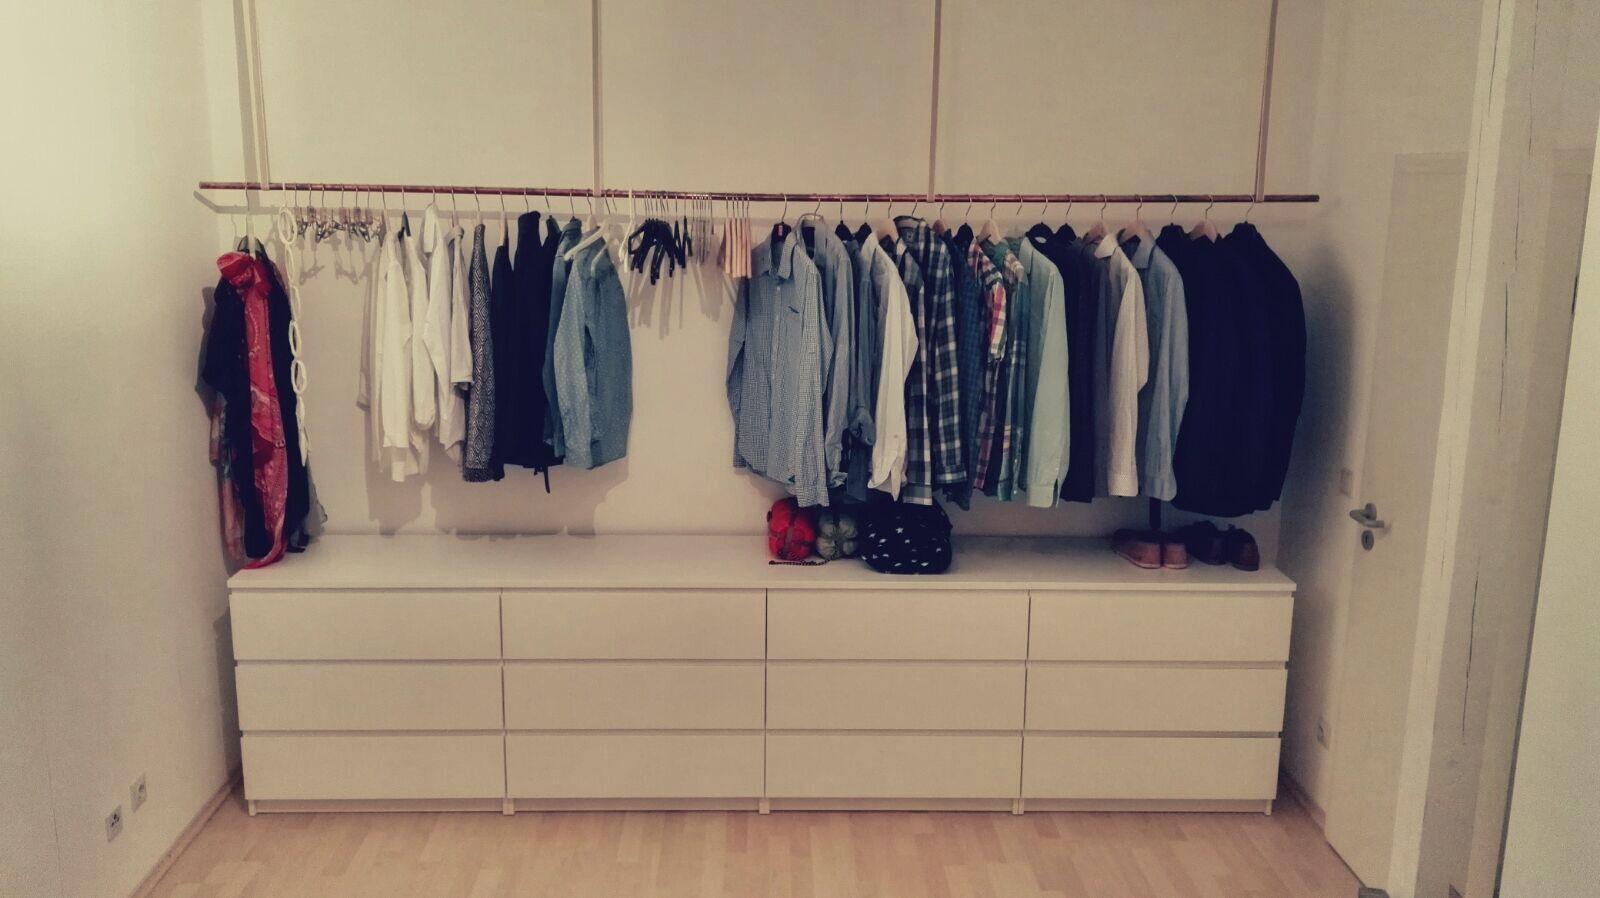 Fener Schrank Mit Kleiderstange Offener Kleiderschrank